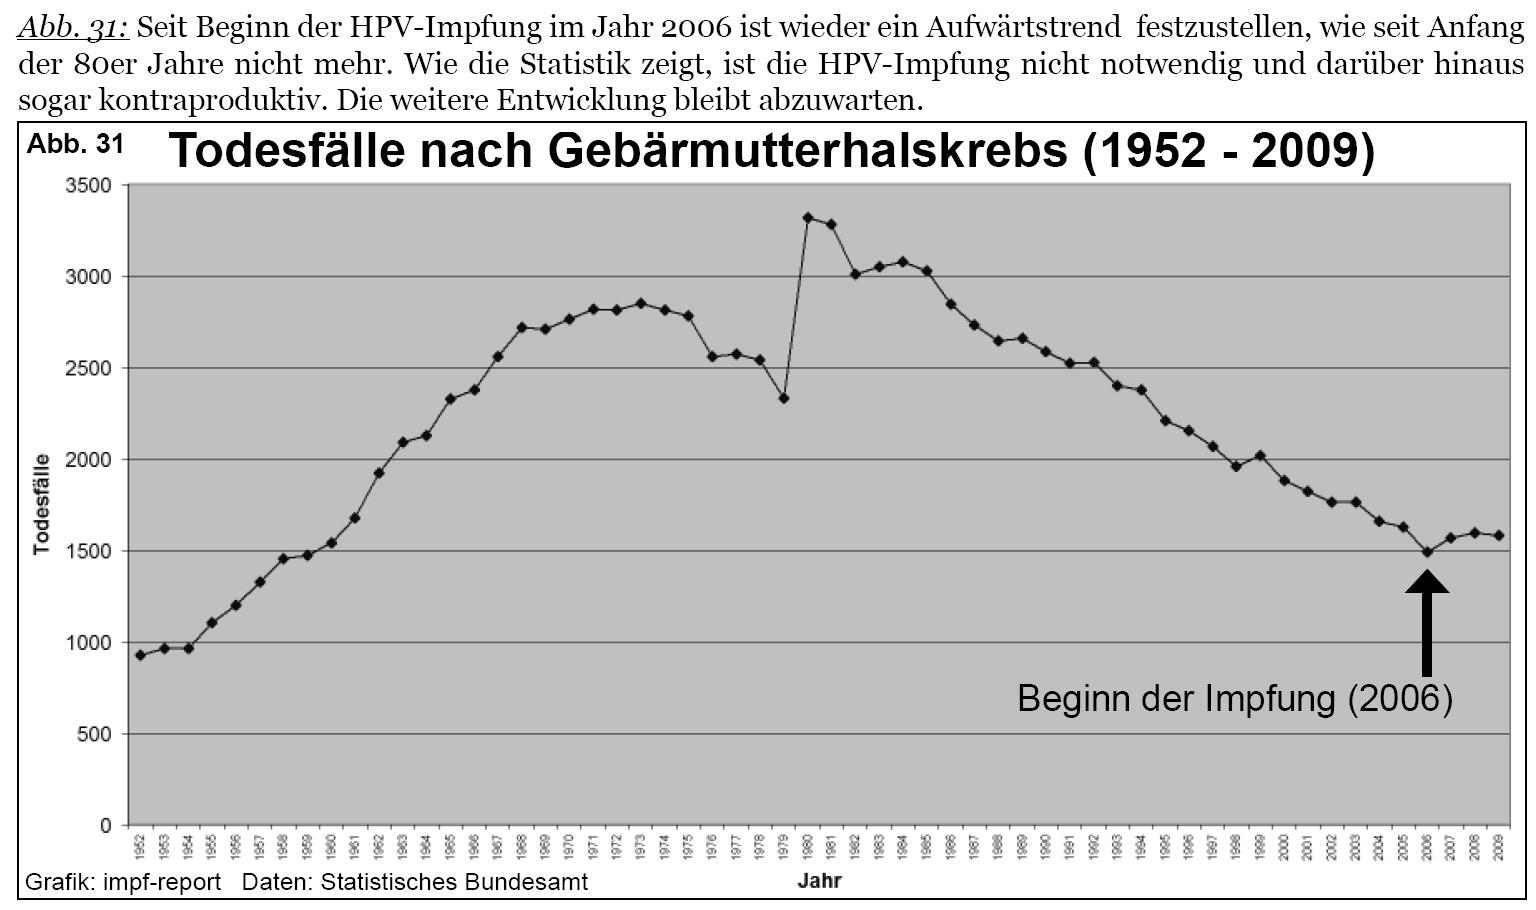 hpv impfung sinnvoll oder nicht